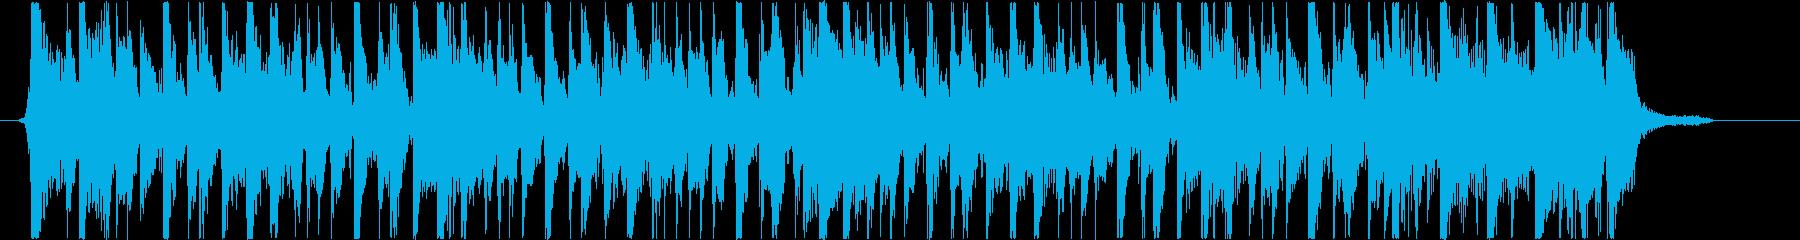 ファンキーなノリのスラップジングルの再生済みの波形